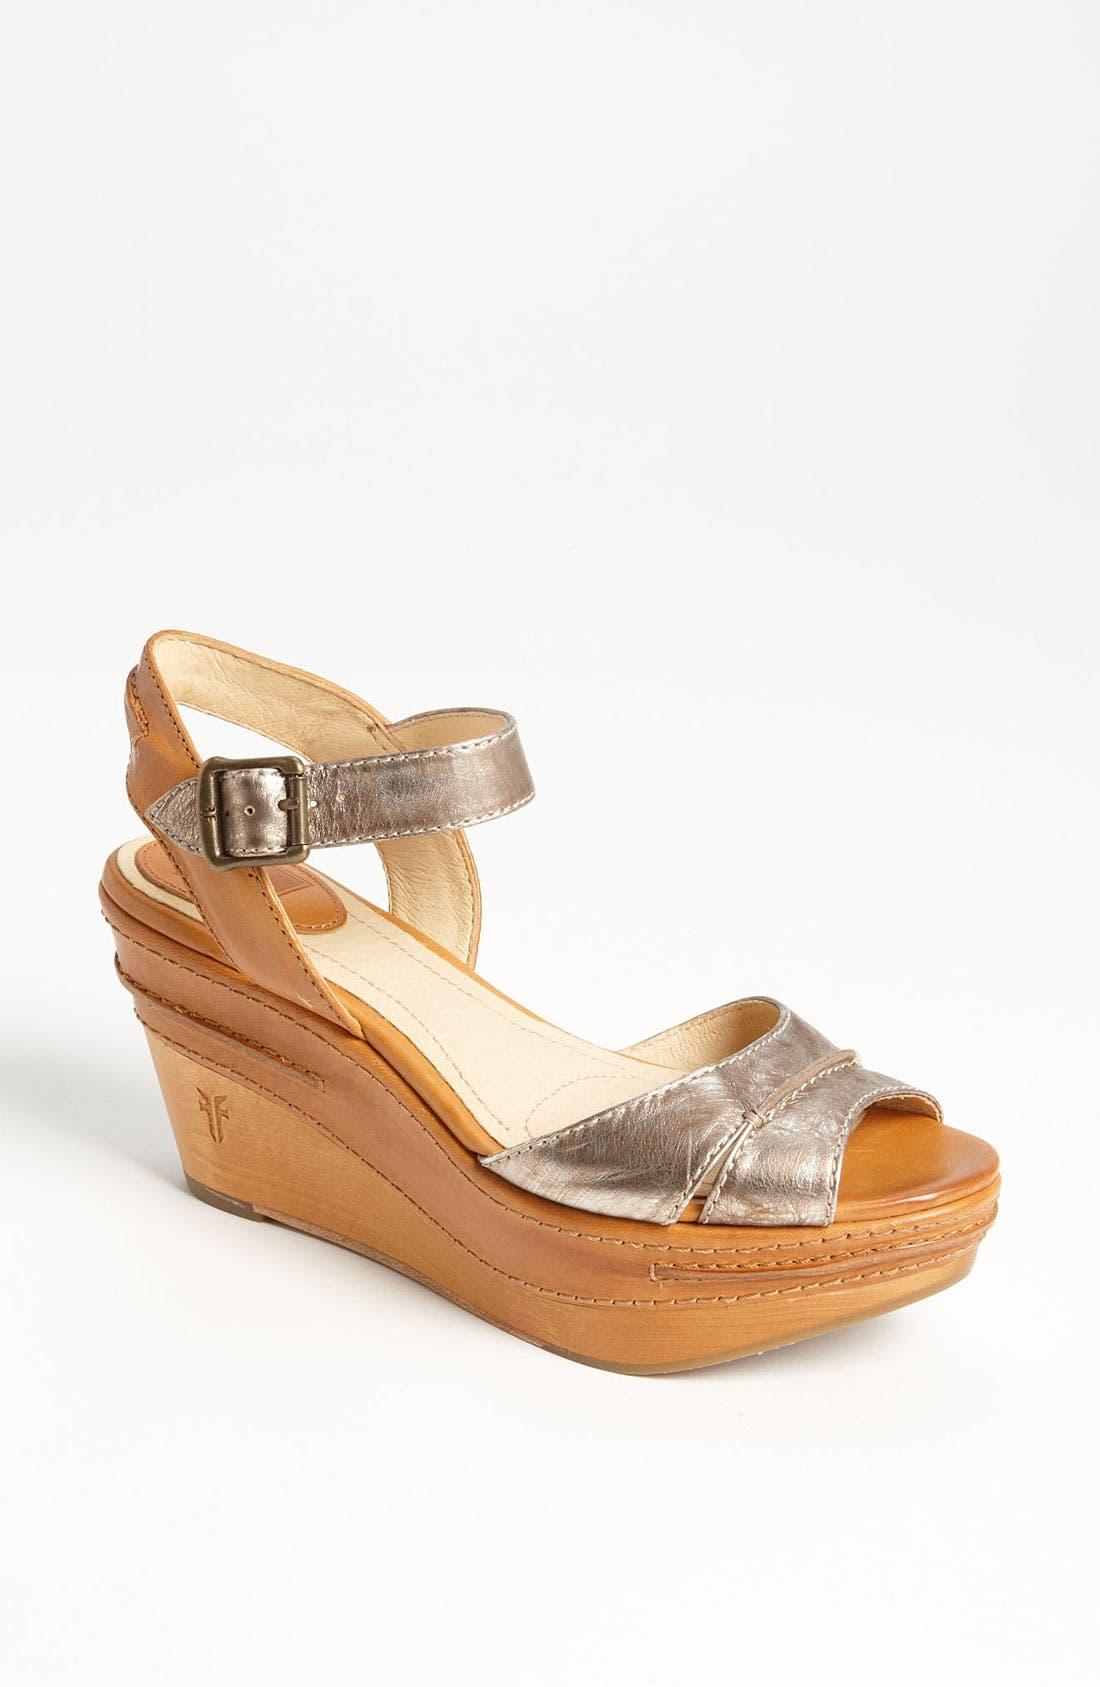 Main Image - Frye 'Carlie Seam' Sandal